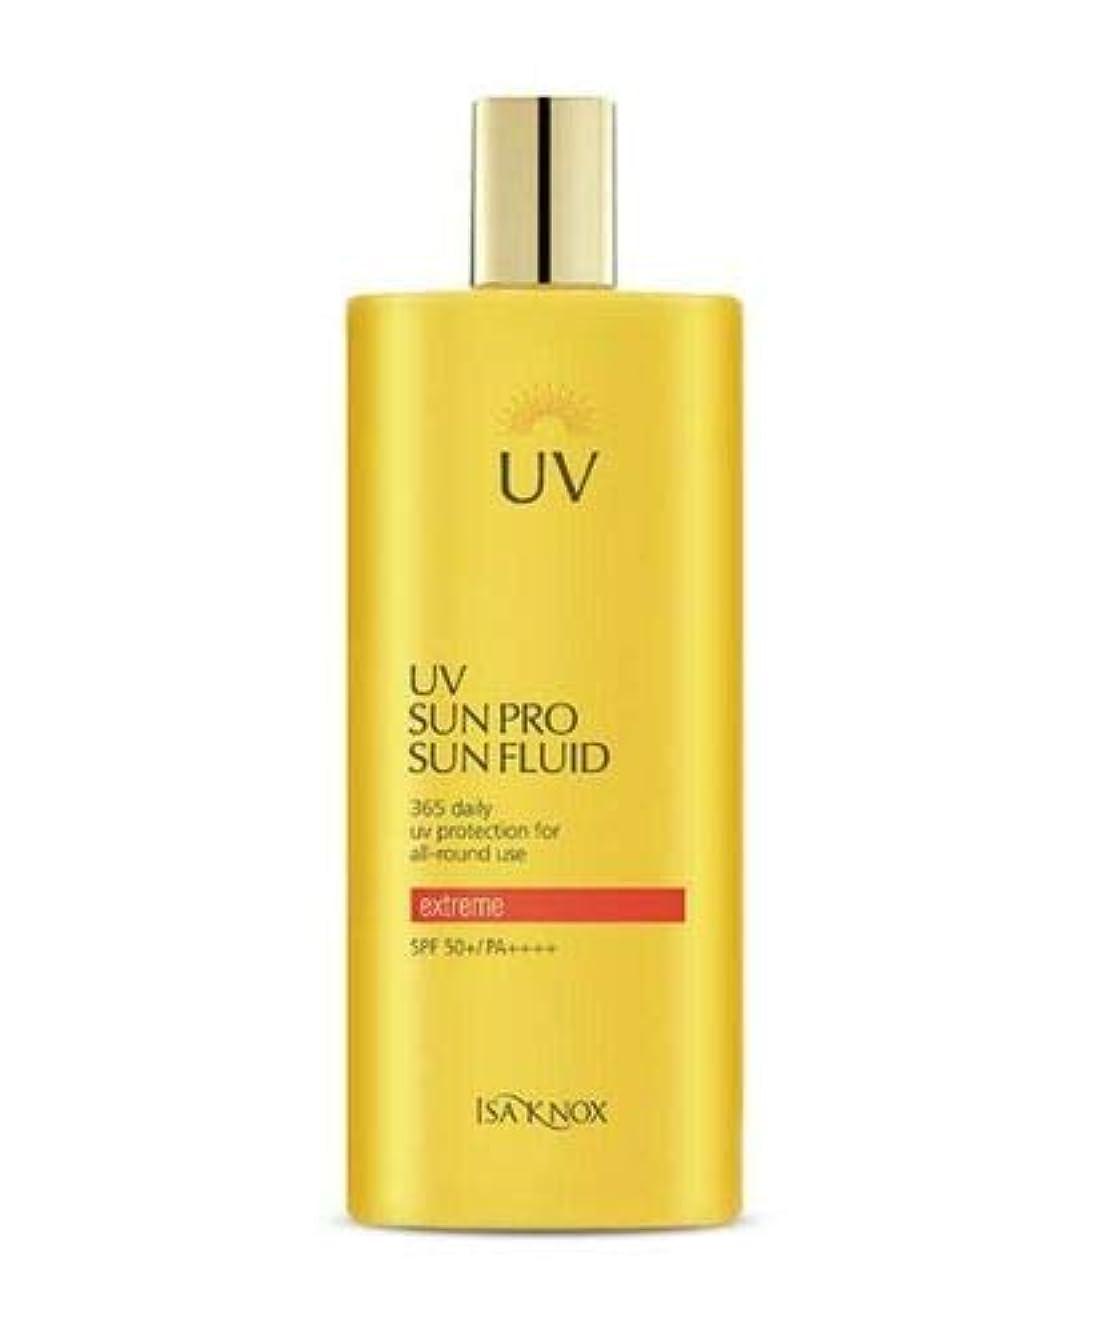 電話をかける起訴するいくつかの[イザノックス] ISA KNOX [UV サン プロ365 エクストリーム サン フルイドSPF50 + PA ++++ 100ml] UV Sun Pro 365 Extreme Sun Fluid 100ml [海外直送品]